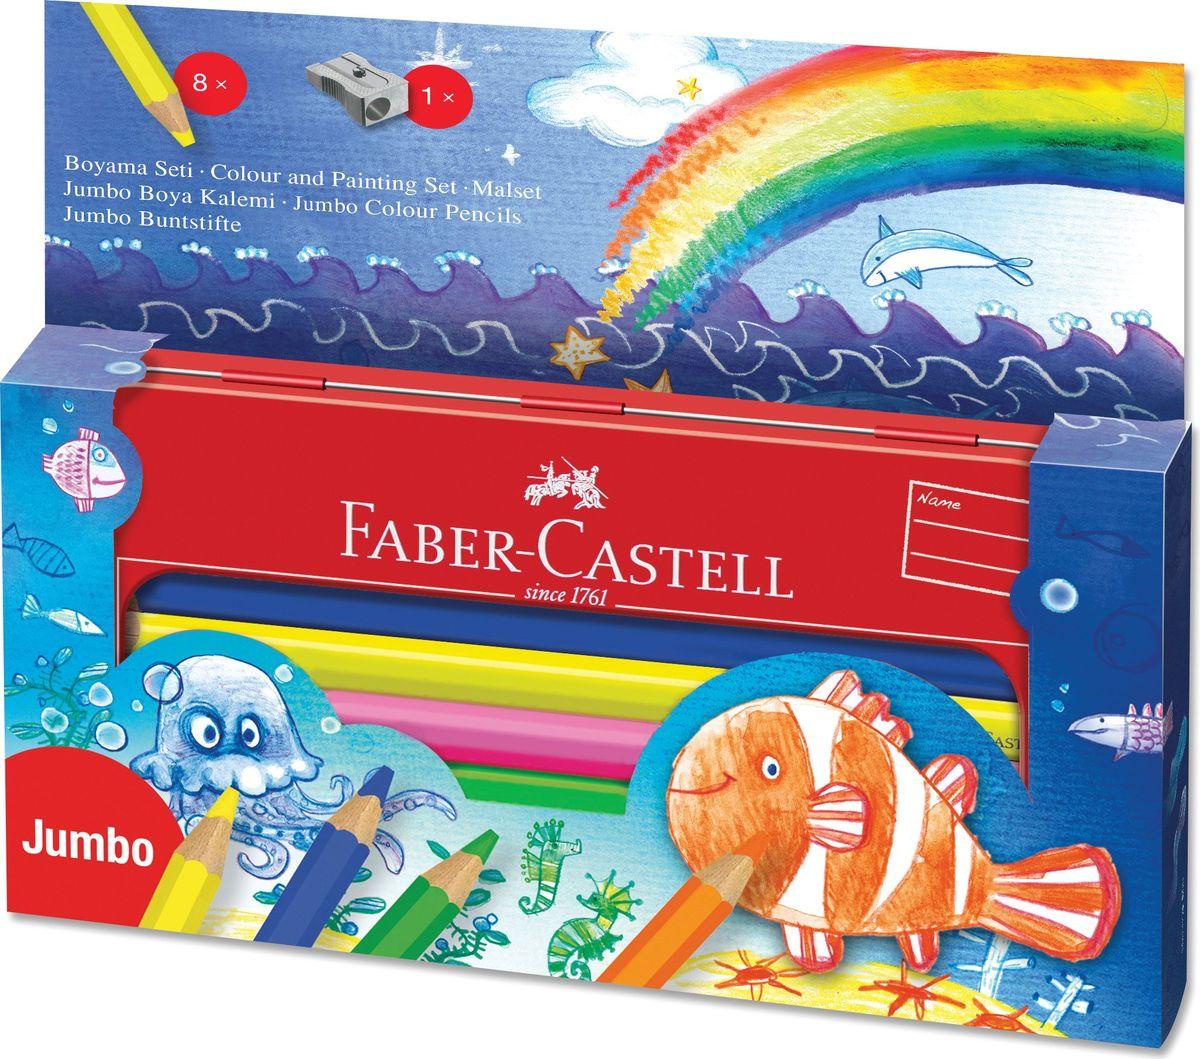 Faber-Castell Набор цветных карандашей Jumbo 10 шт951080Цветные карандаши J umbo Grip(утолщенные).карандаши утолщенного типа• эргономичная трехгранная форма• запатентованная GRIP антискользящая зоназахвата с малыми массажными шашечками• толщина грифеля 3,8 мм•в мет. коробке, 8 цветных + 1 чернограф+ 1 точилка + 12 раскрасок• размываемый водой грифель• отстирываются с большинства обычных тканей• специальная технология вклеивания (SV)предотвращает поломку грифеля• покрыты лаком на водной основе – бережнымпо отношению к окружающей средеи здоровью детей• качественное, мягкое дерево (калифорнийскийкедр) – гарантия легкого затачивания припомощи стандартных точилок.